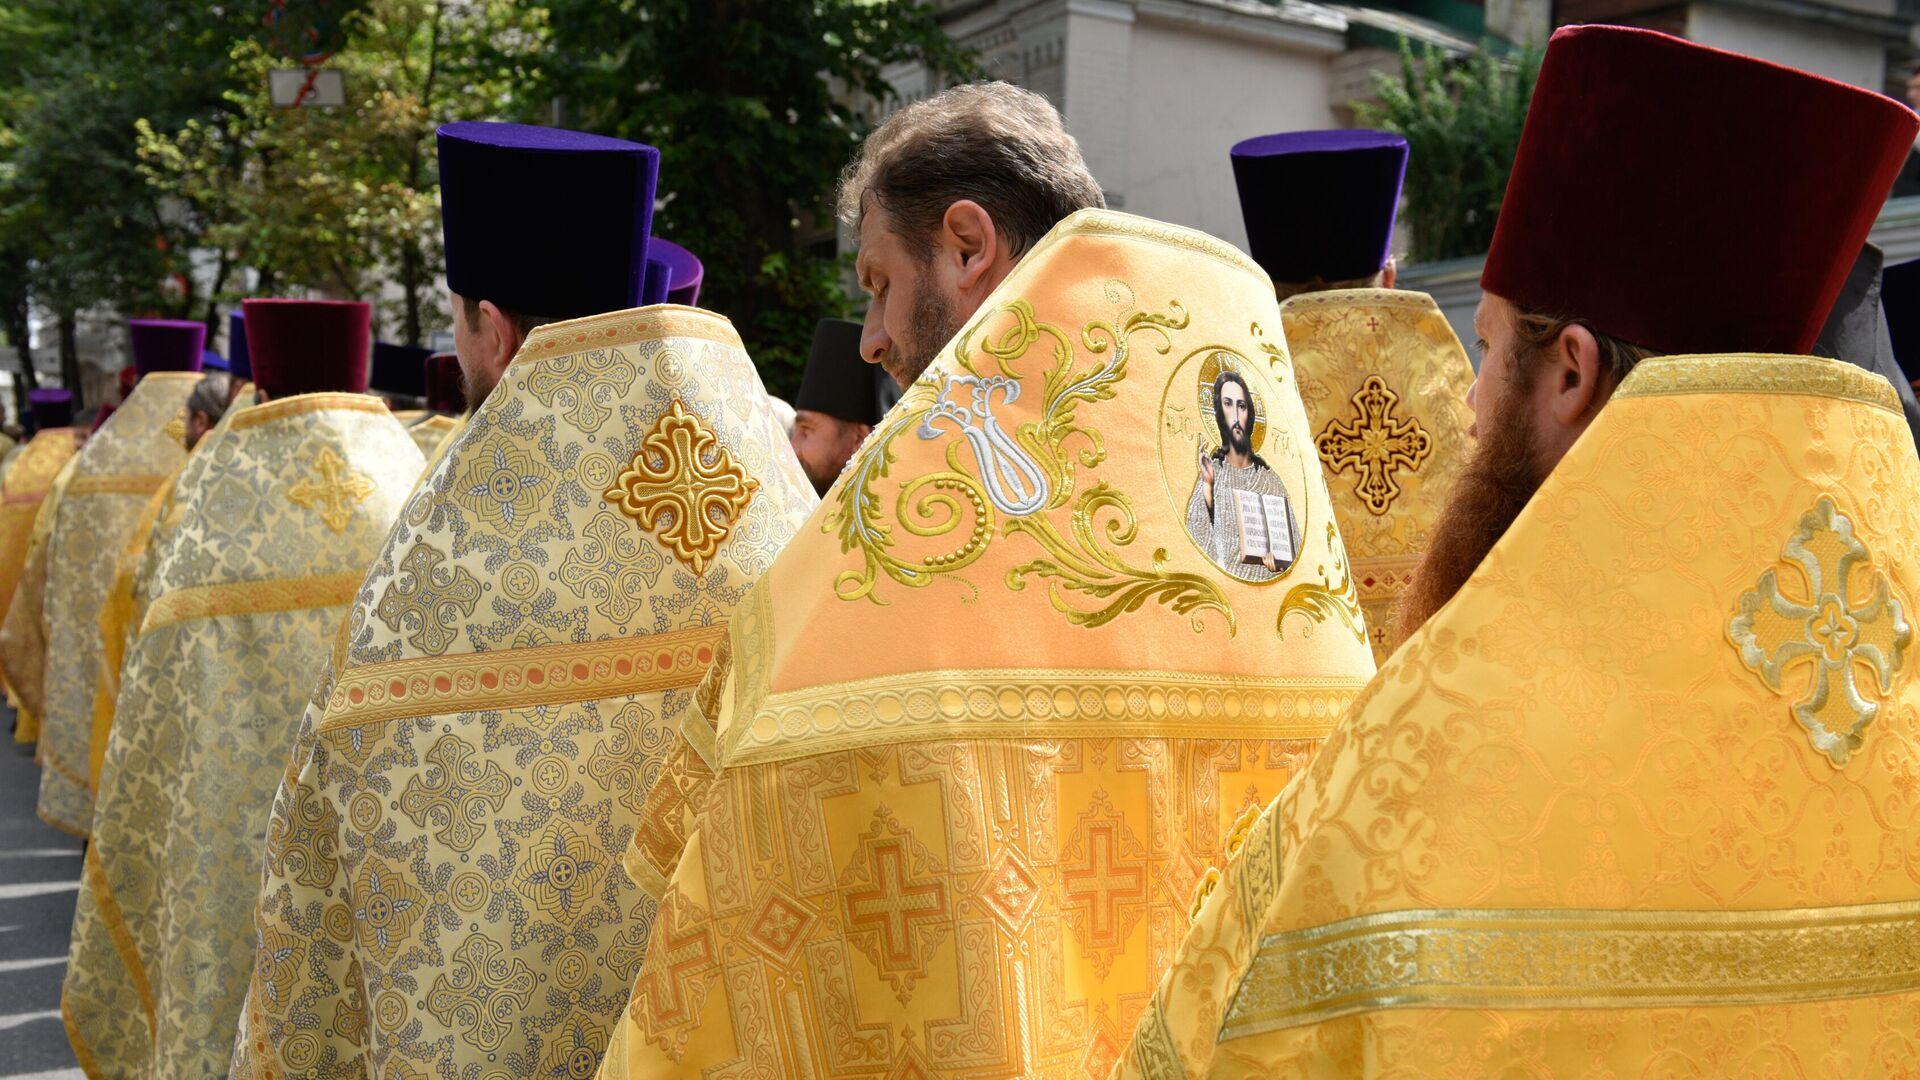 Священнослужители во время крестного хода в Киеве - РИА Новости, 1920, 27.07.2021